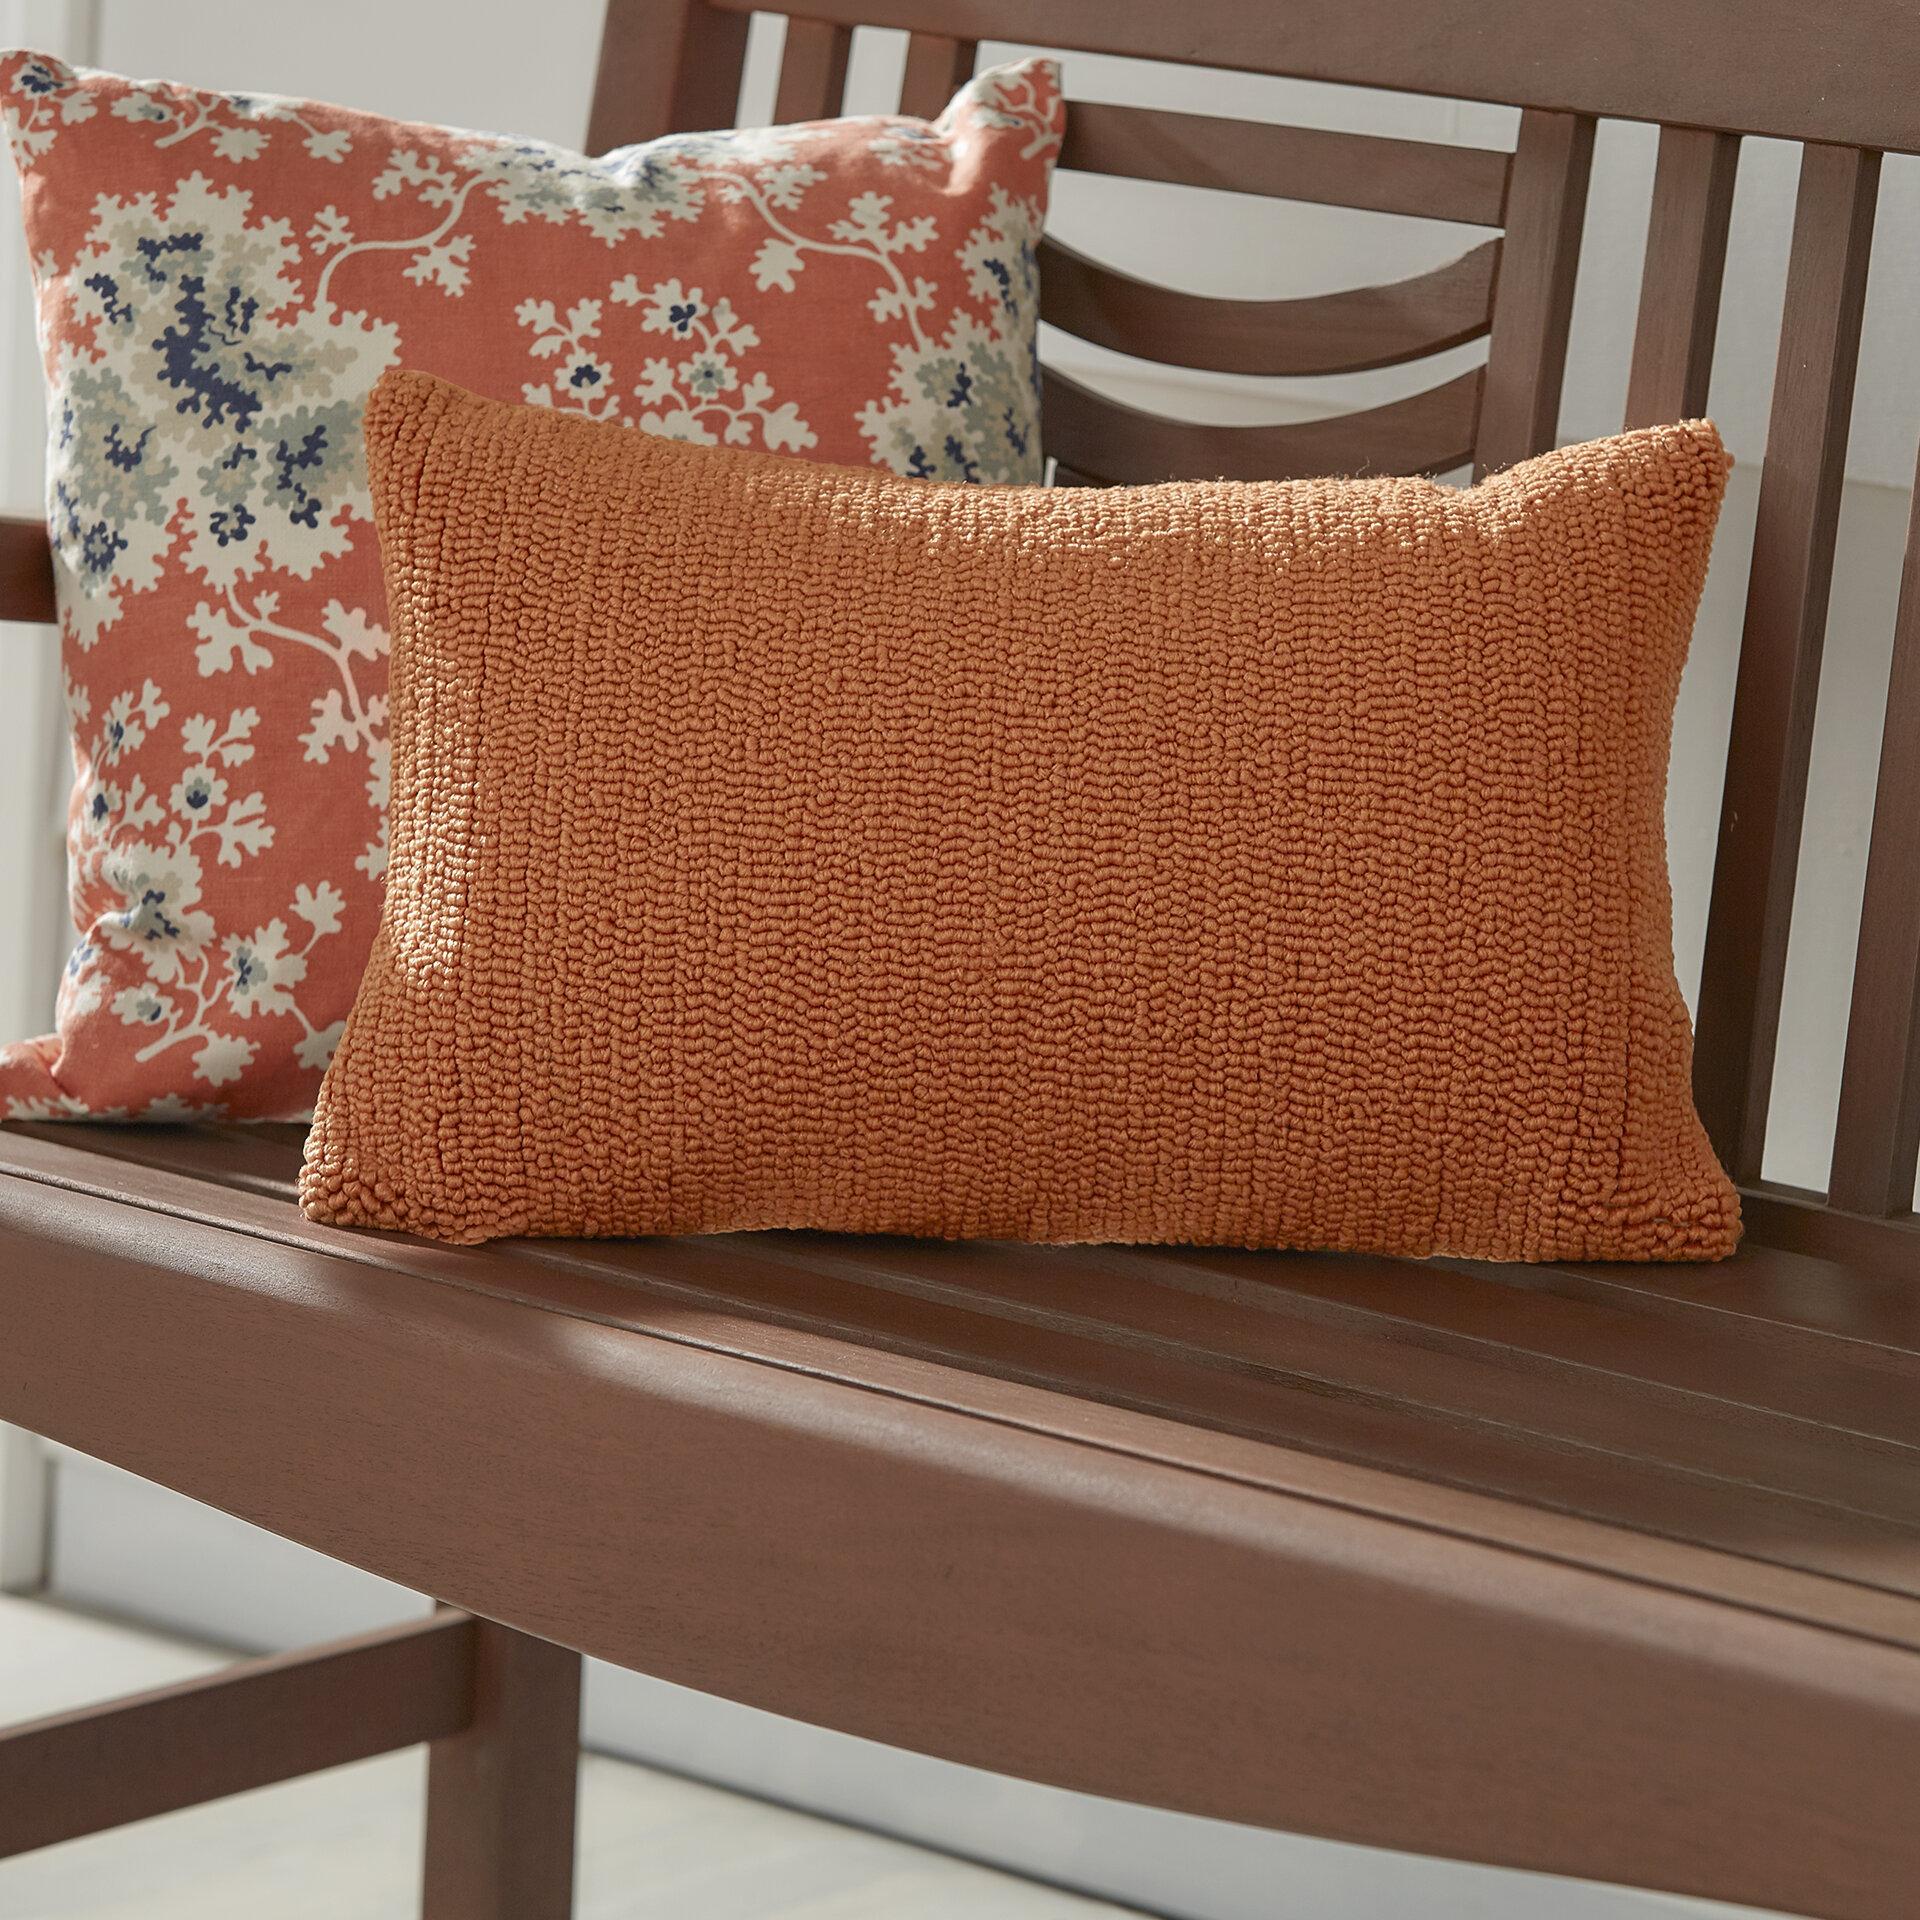 Sandefur Outdoor Rectangular Lumbar Pillow Reviews